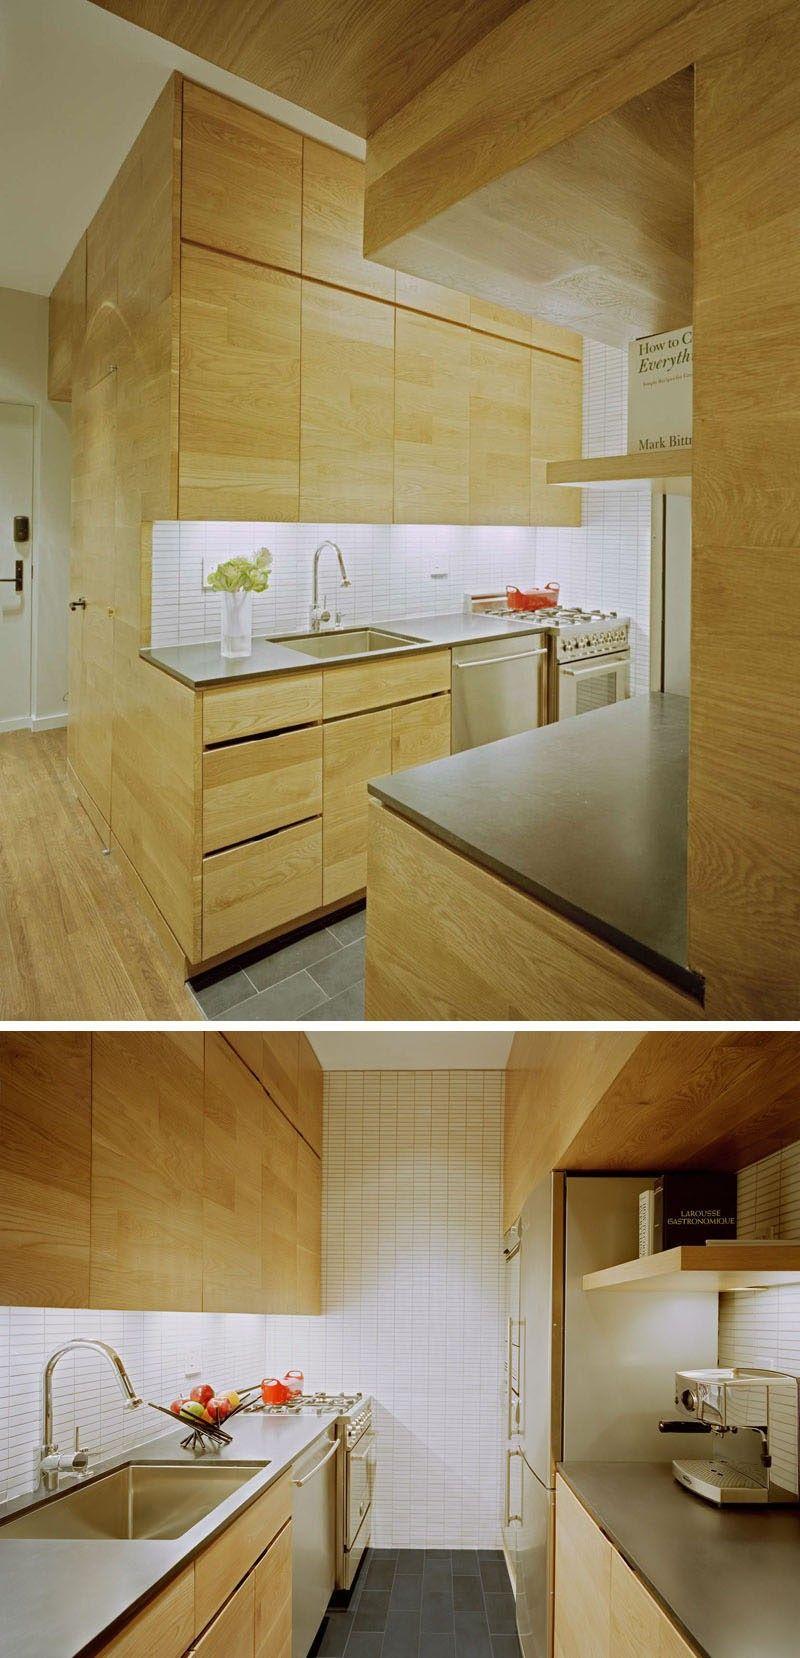 Küche Design Ideen 14 Küchen, Die Das Beste Aus Einem Kleinen Raum Machen /  / Jede Menge Holz Und Einfache Weiße Lichtkacheln Halten Sie Dieses Kleine  Küche ...